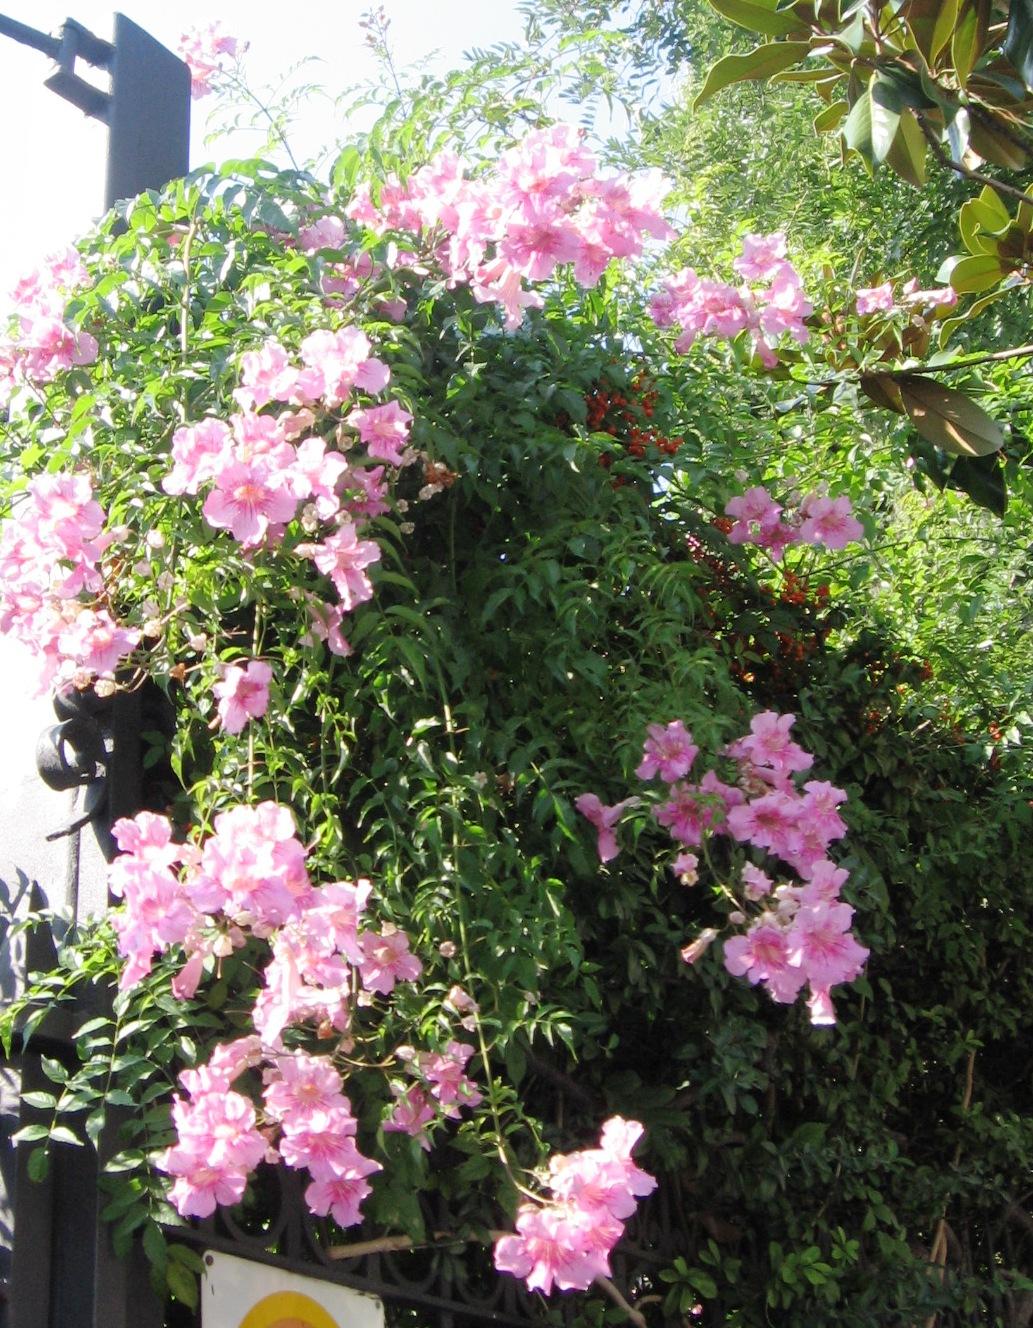 Flowers_PinkTrumpetVine